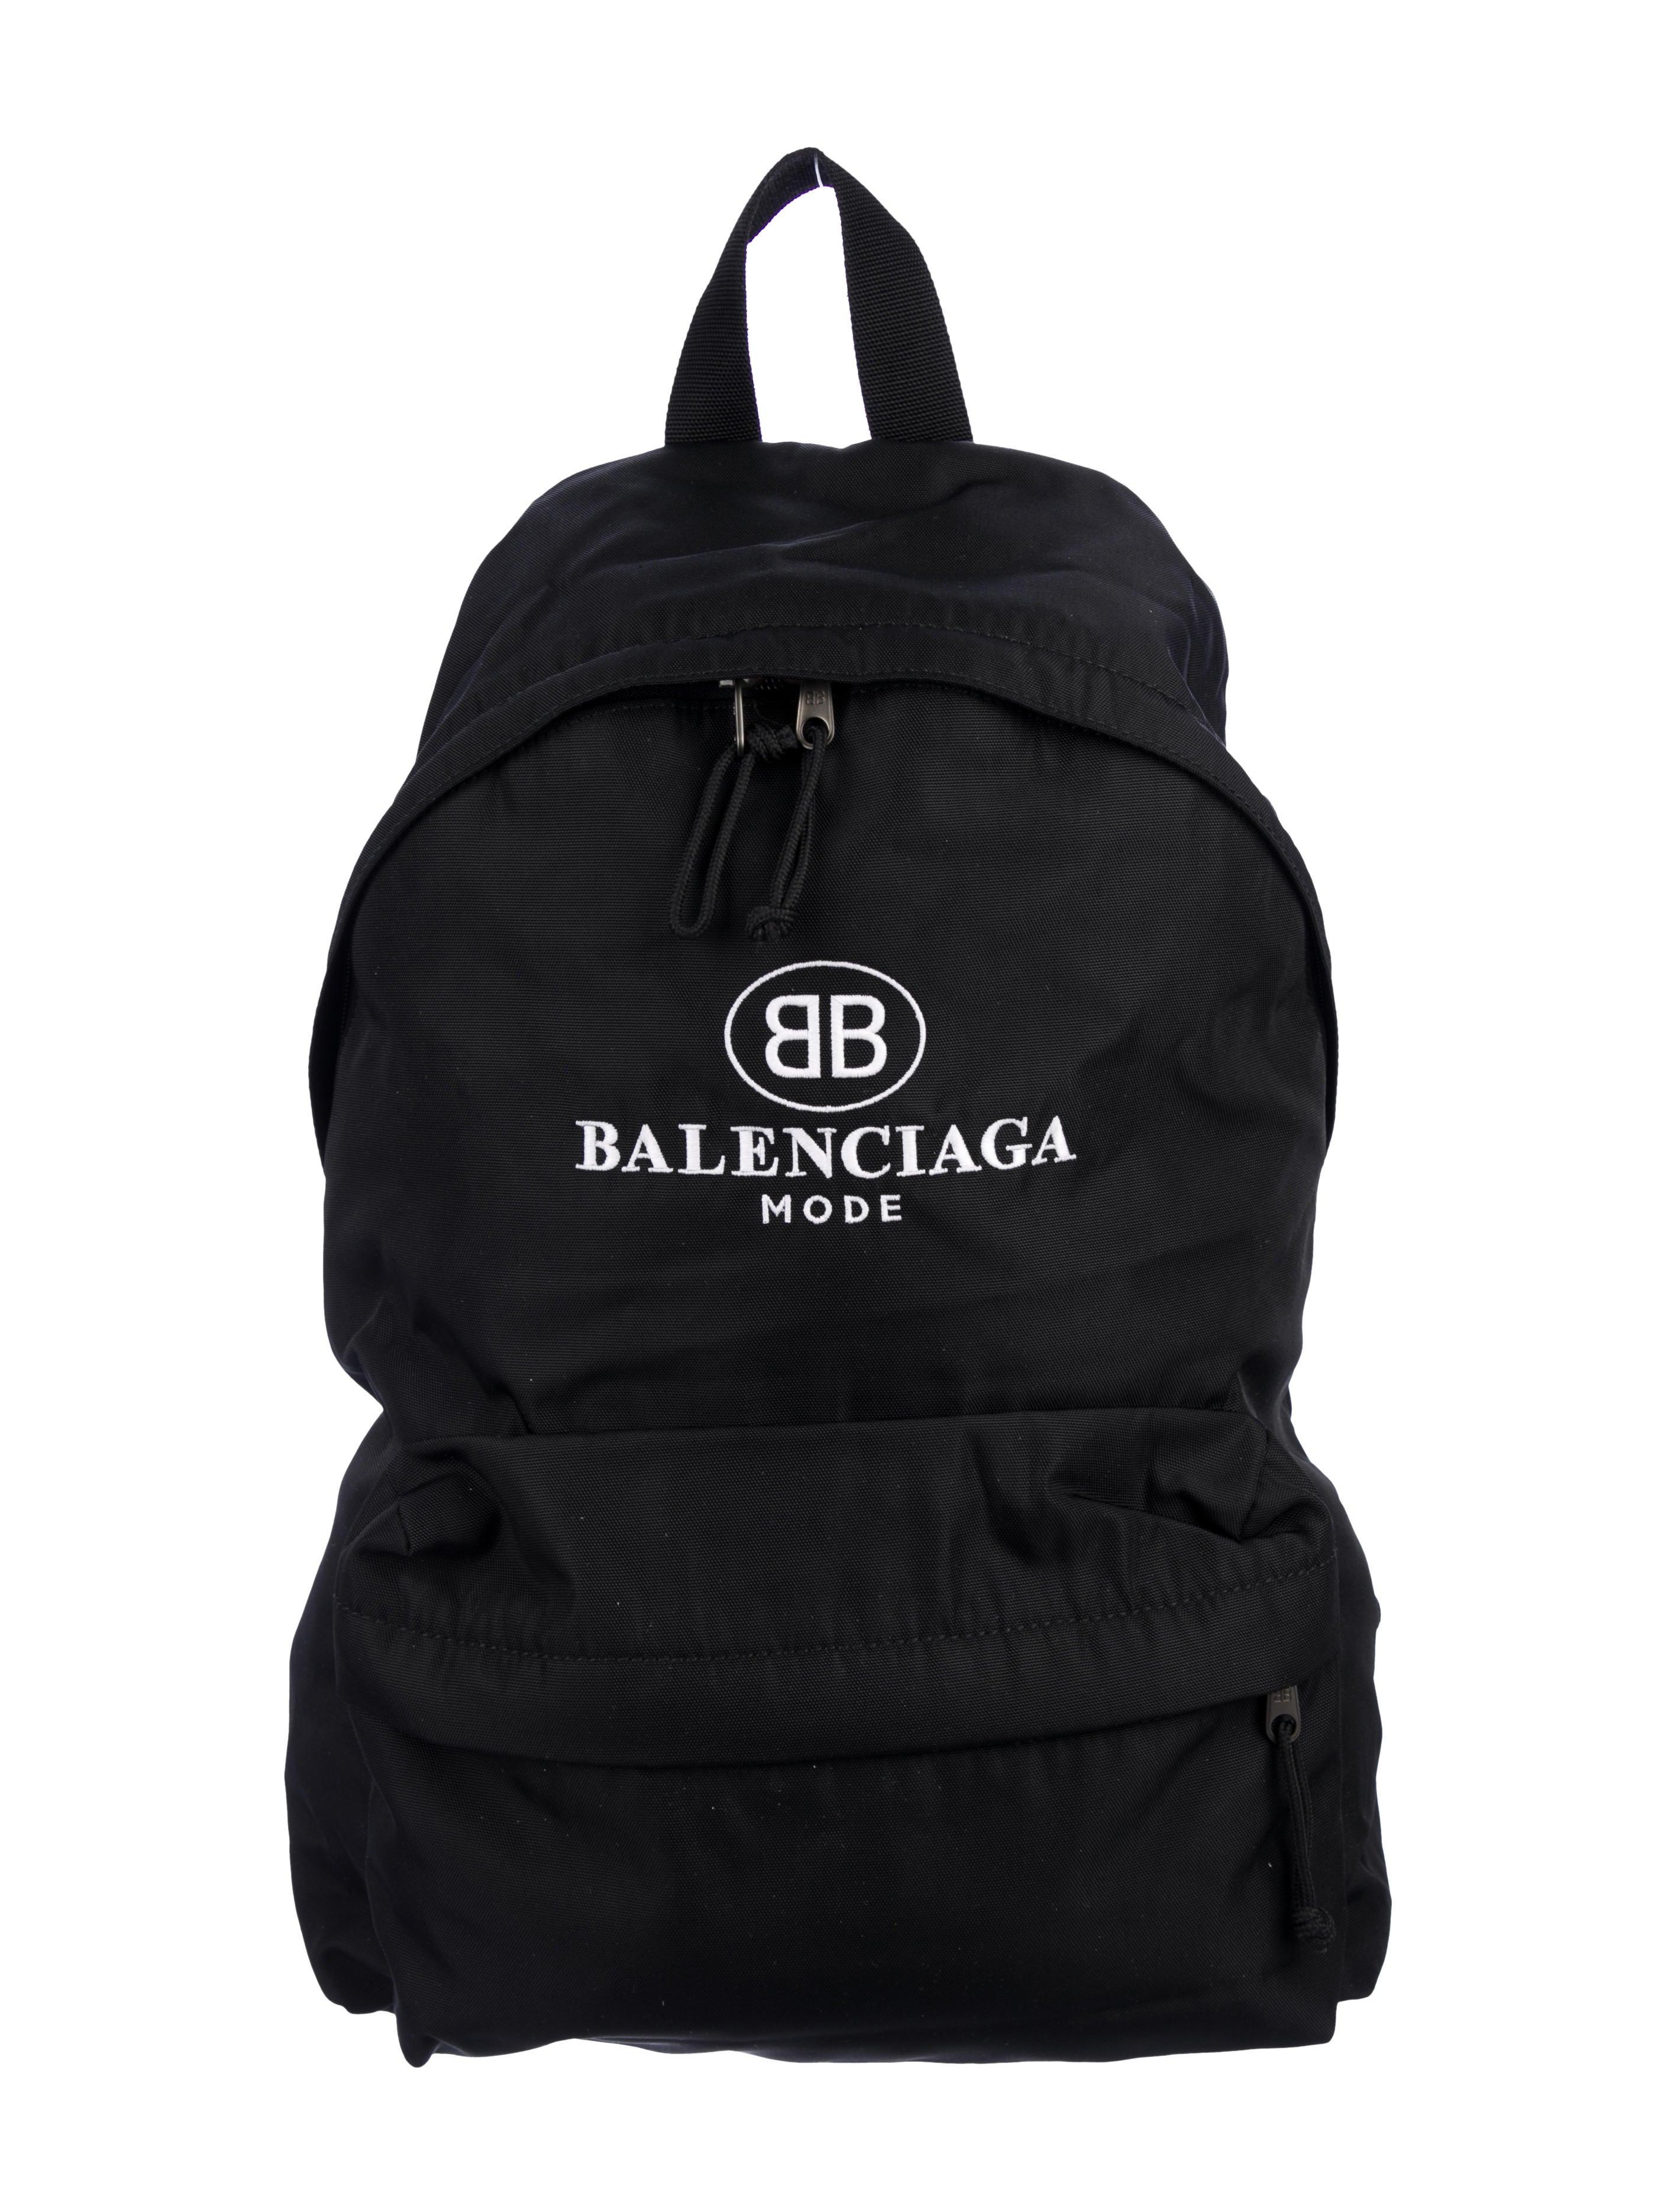 Balenciaga BB Mode Explorer Backpack